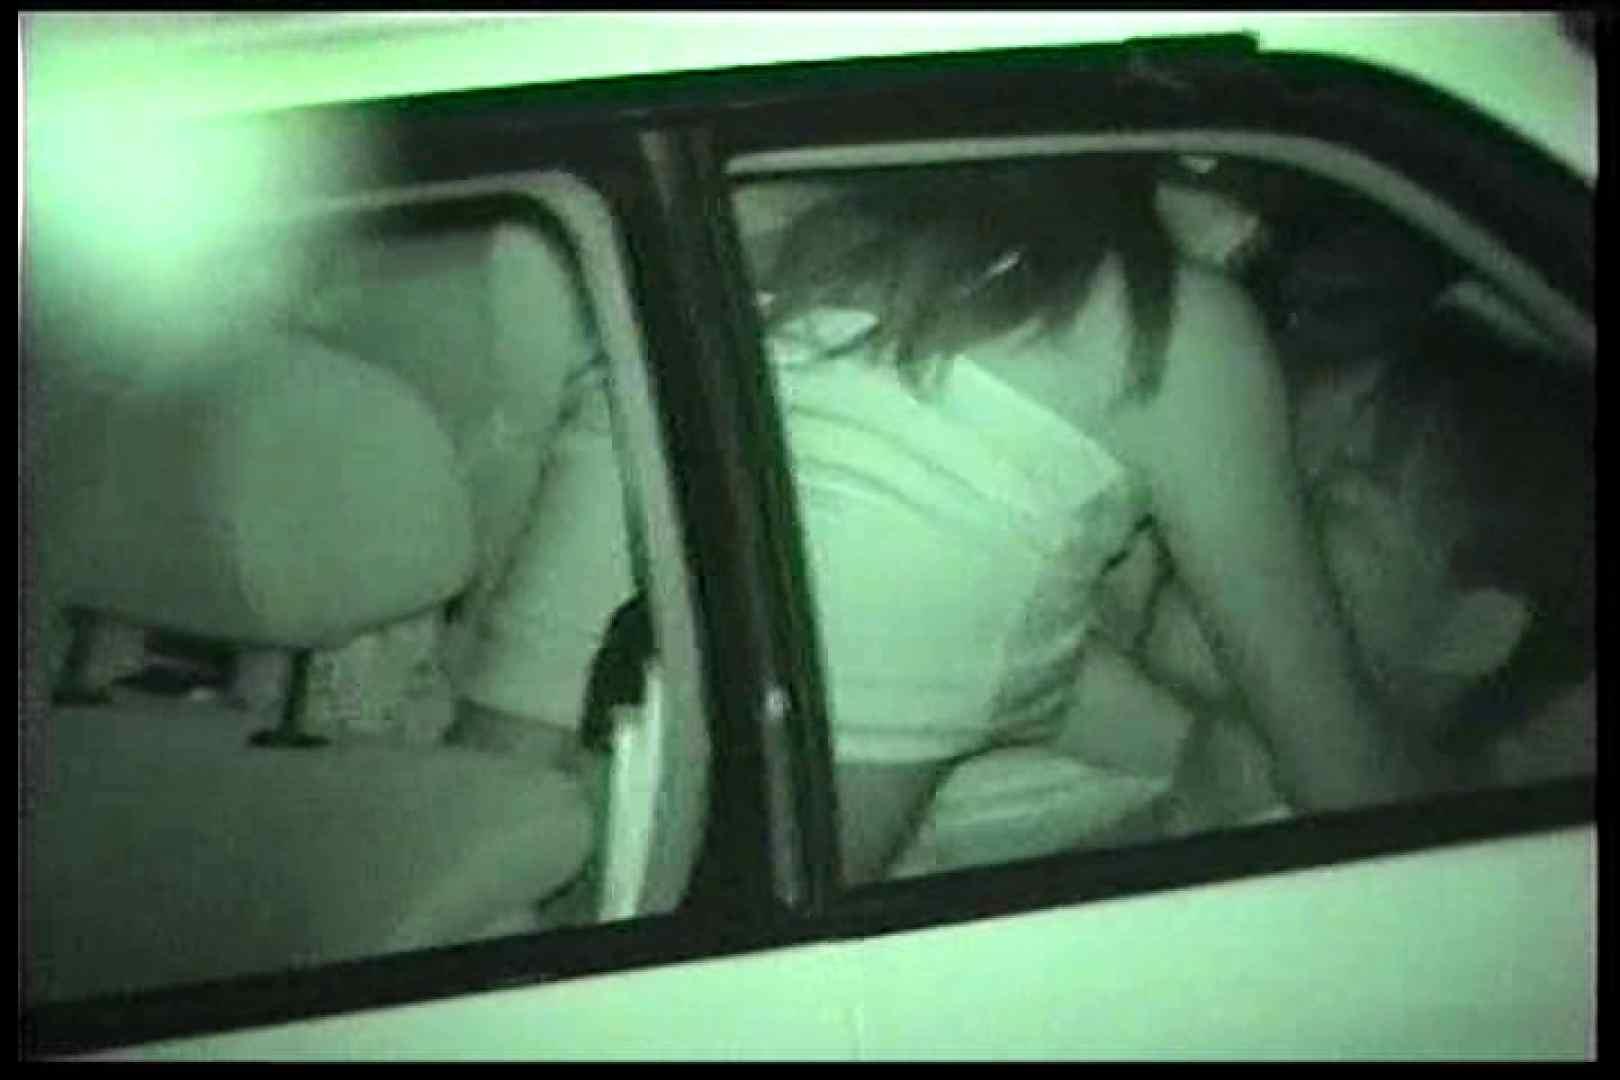 車の中はラブホテル 無修正版  Vol.11 すけべなOL ヌード画像 86画像 18